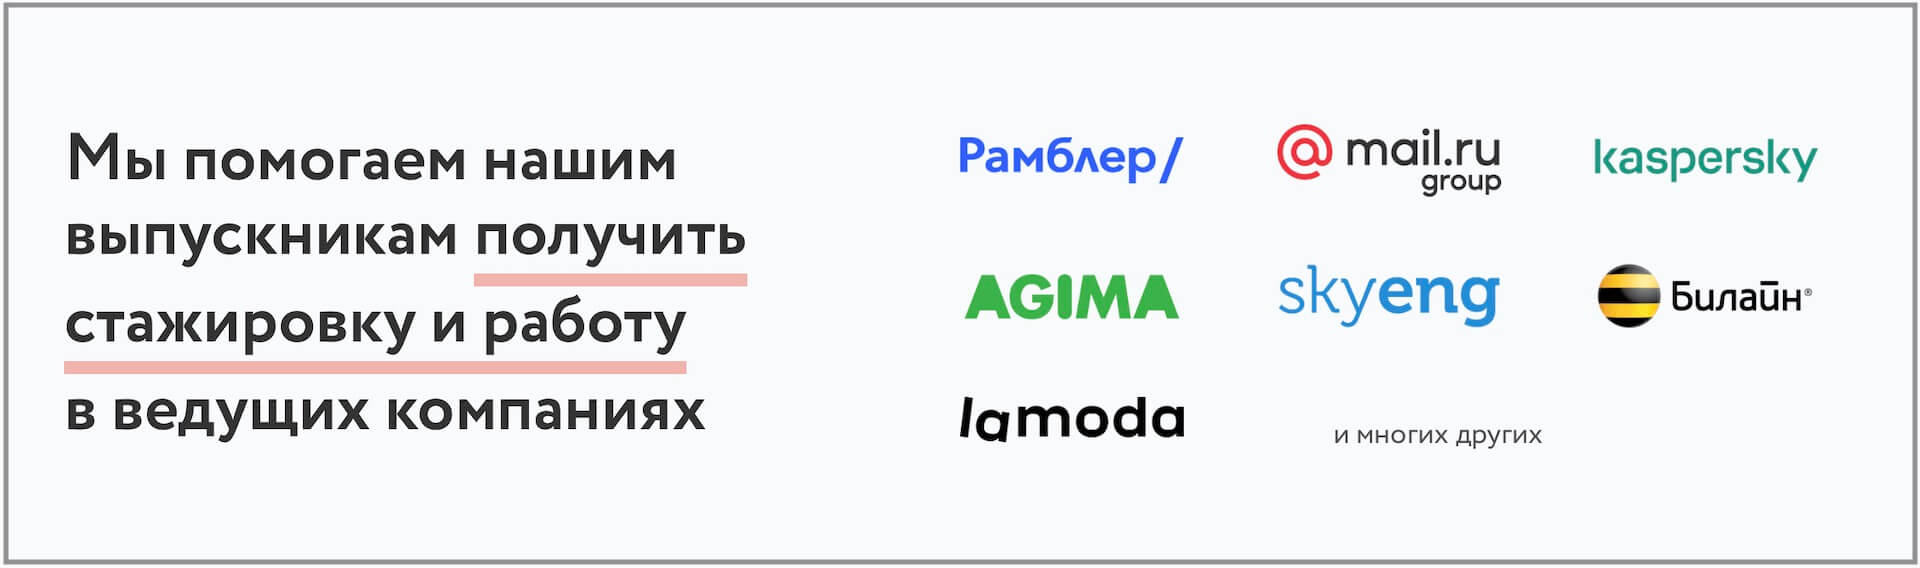 Frontend-разработчики работают в крупных и известных компаниях